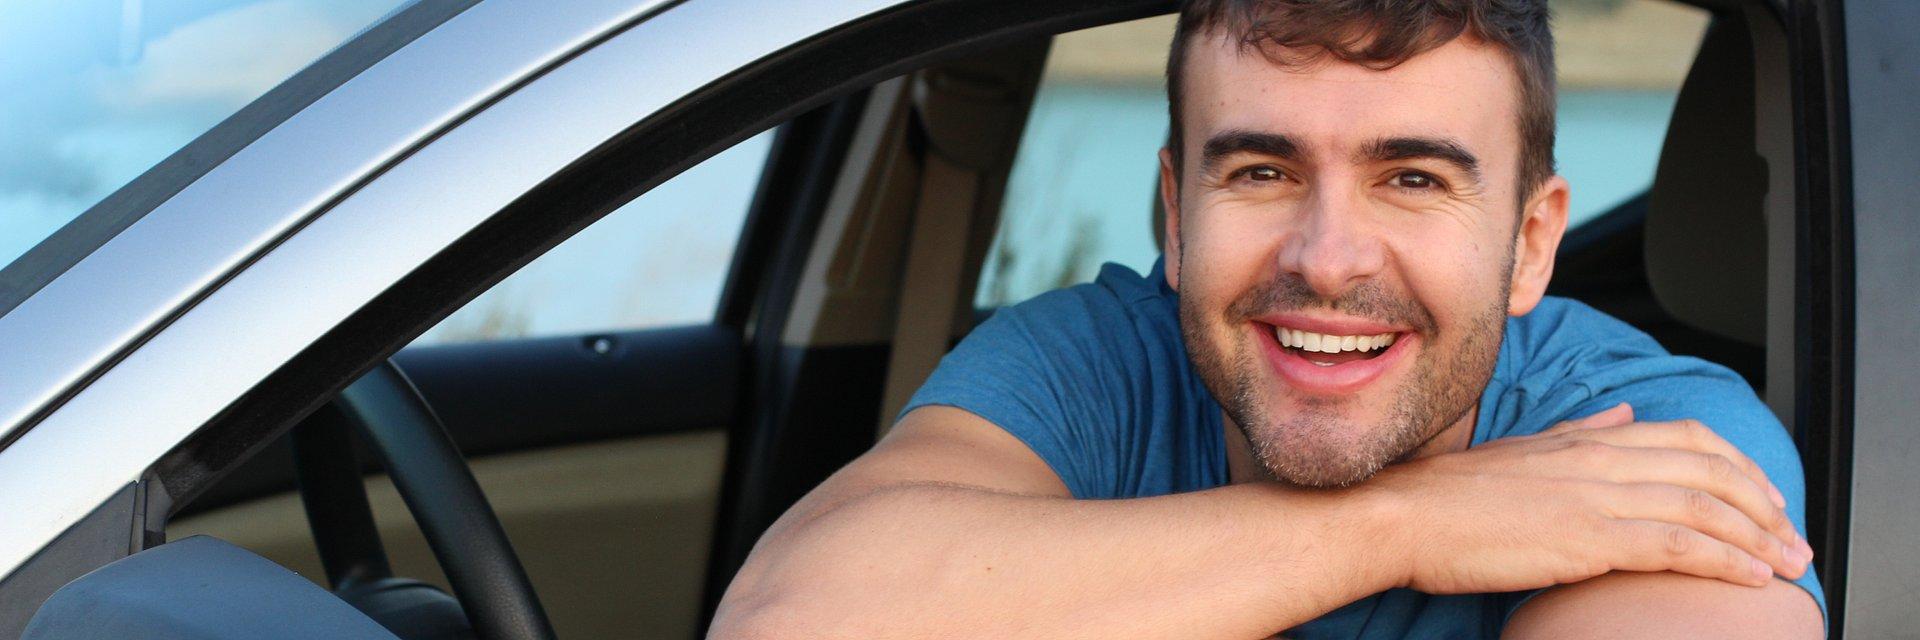 Ceny OC młodych kierowców średnio są 2 razy wyższe